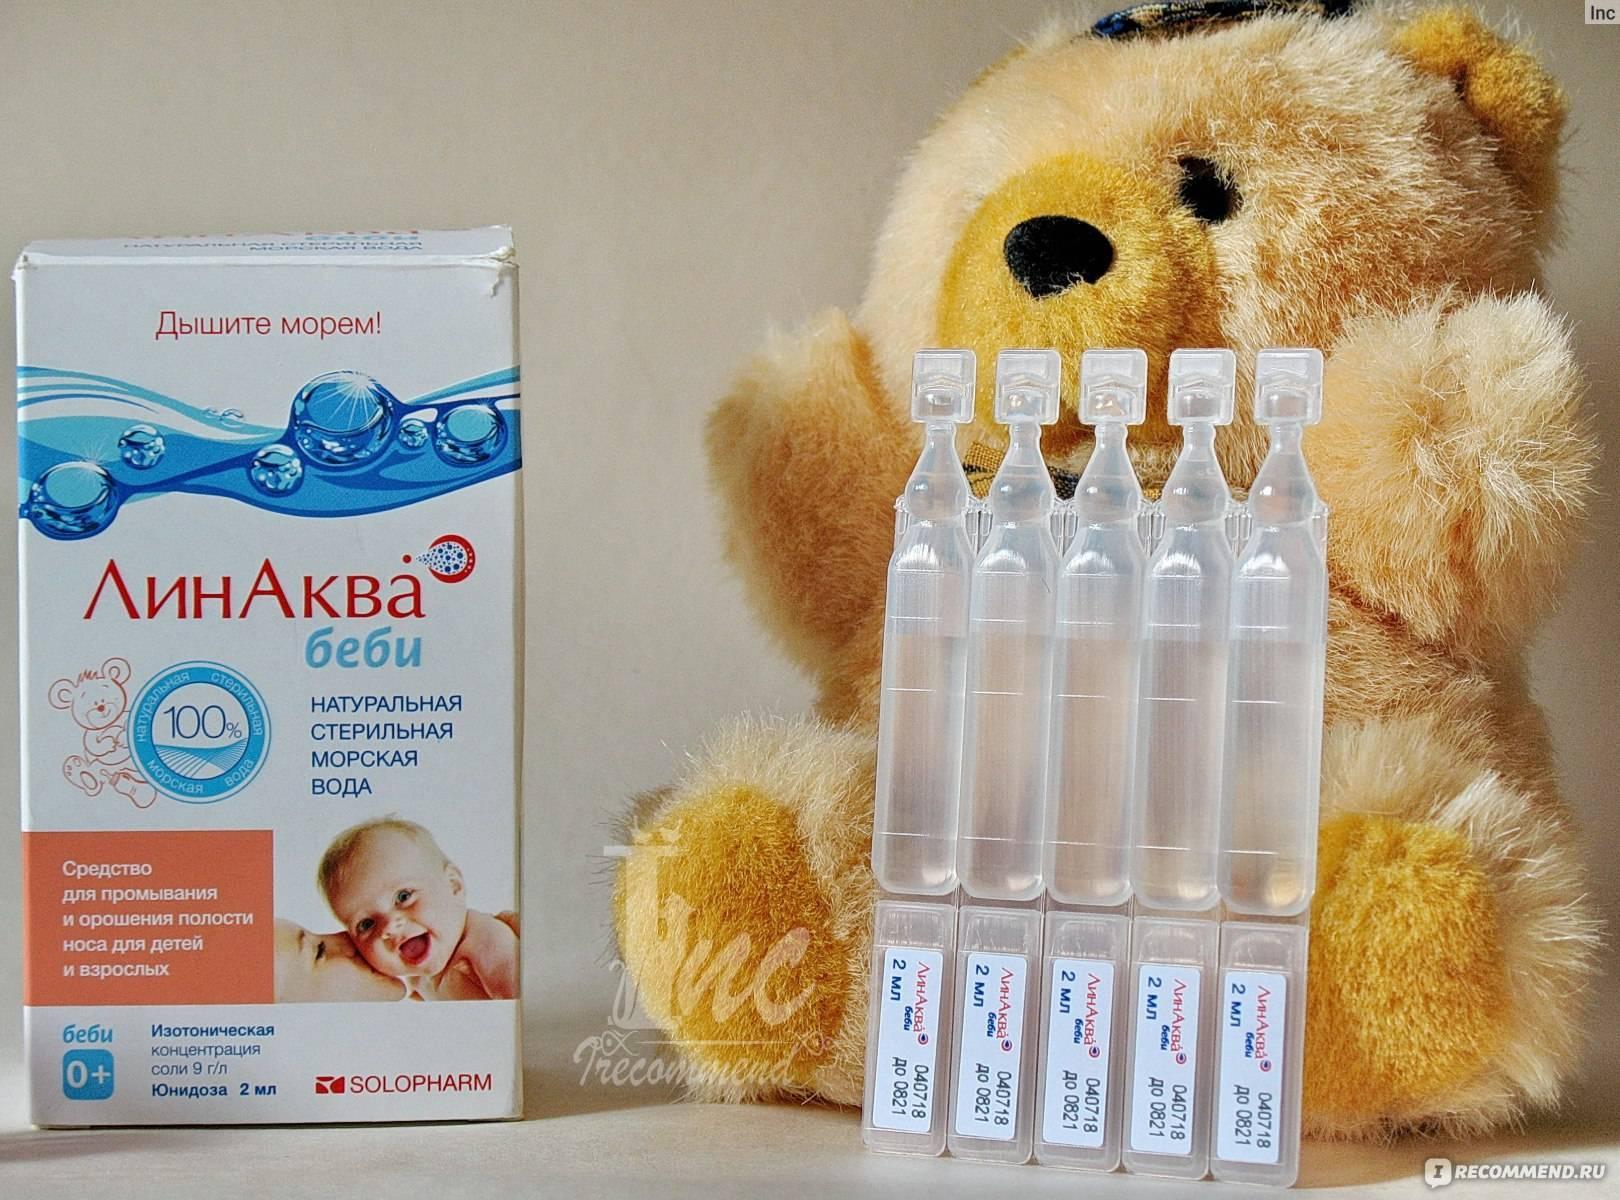 Как промыть нос новорожденному физраствором при насморке